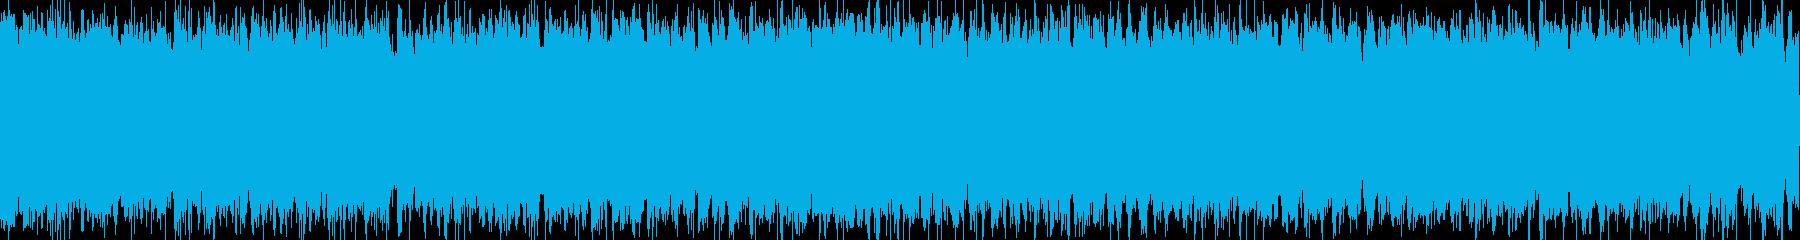 【効果音】秋の虫の鳴き声の再生済みの波形